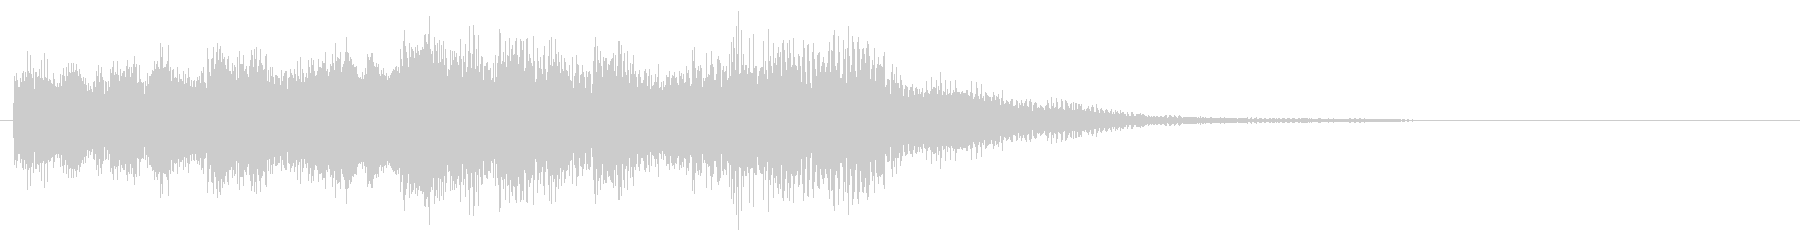 ポップな感じのサウンドロゴの未再生の波形